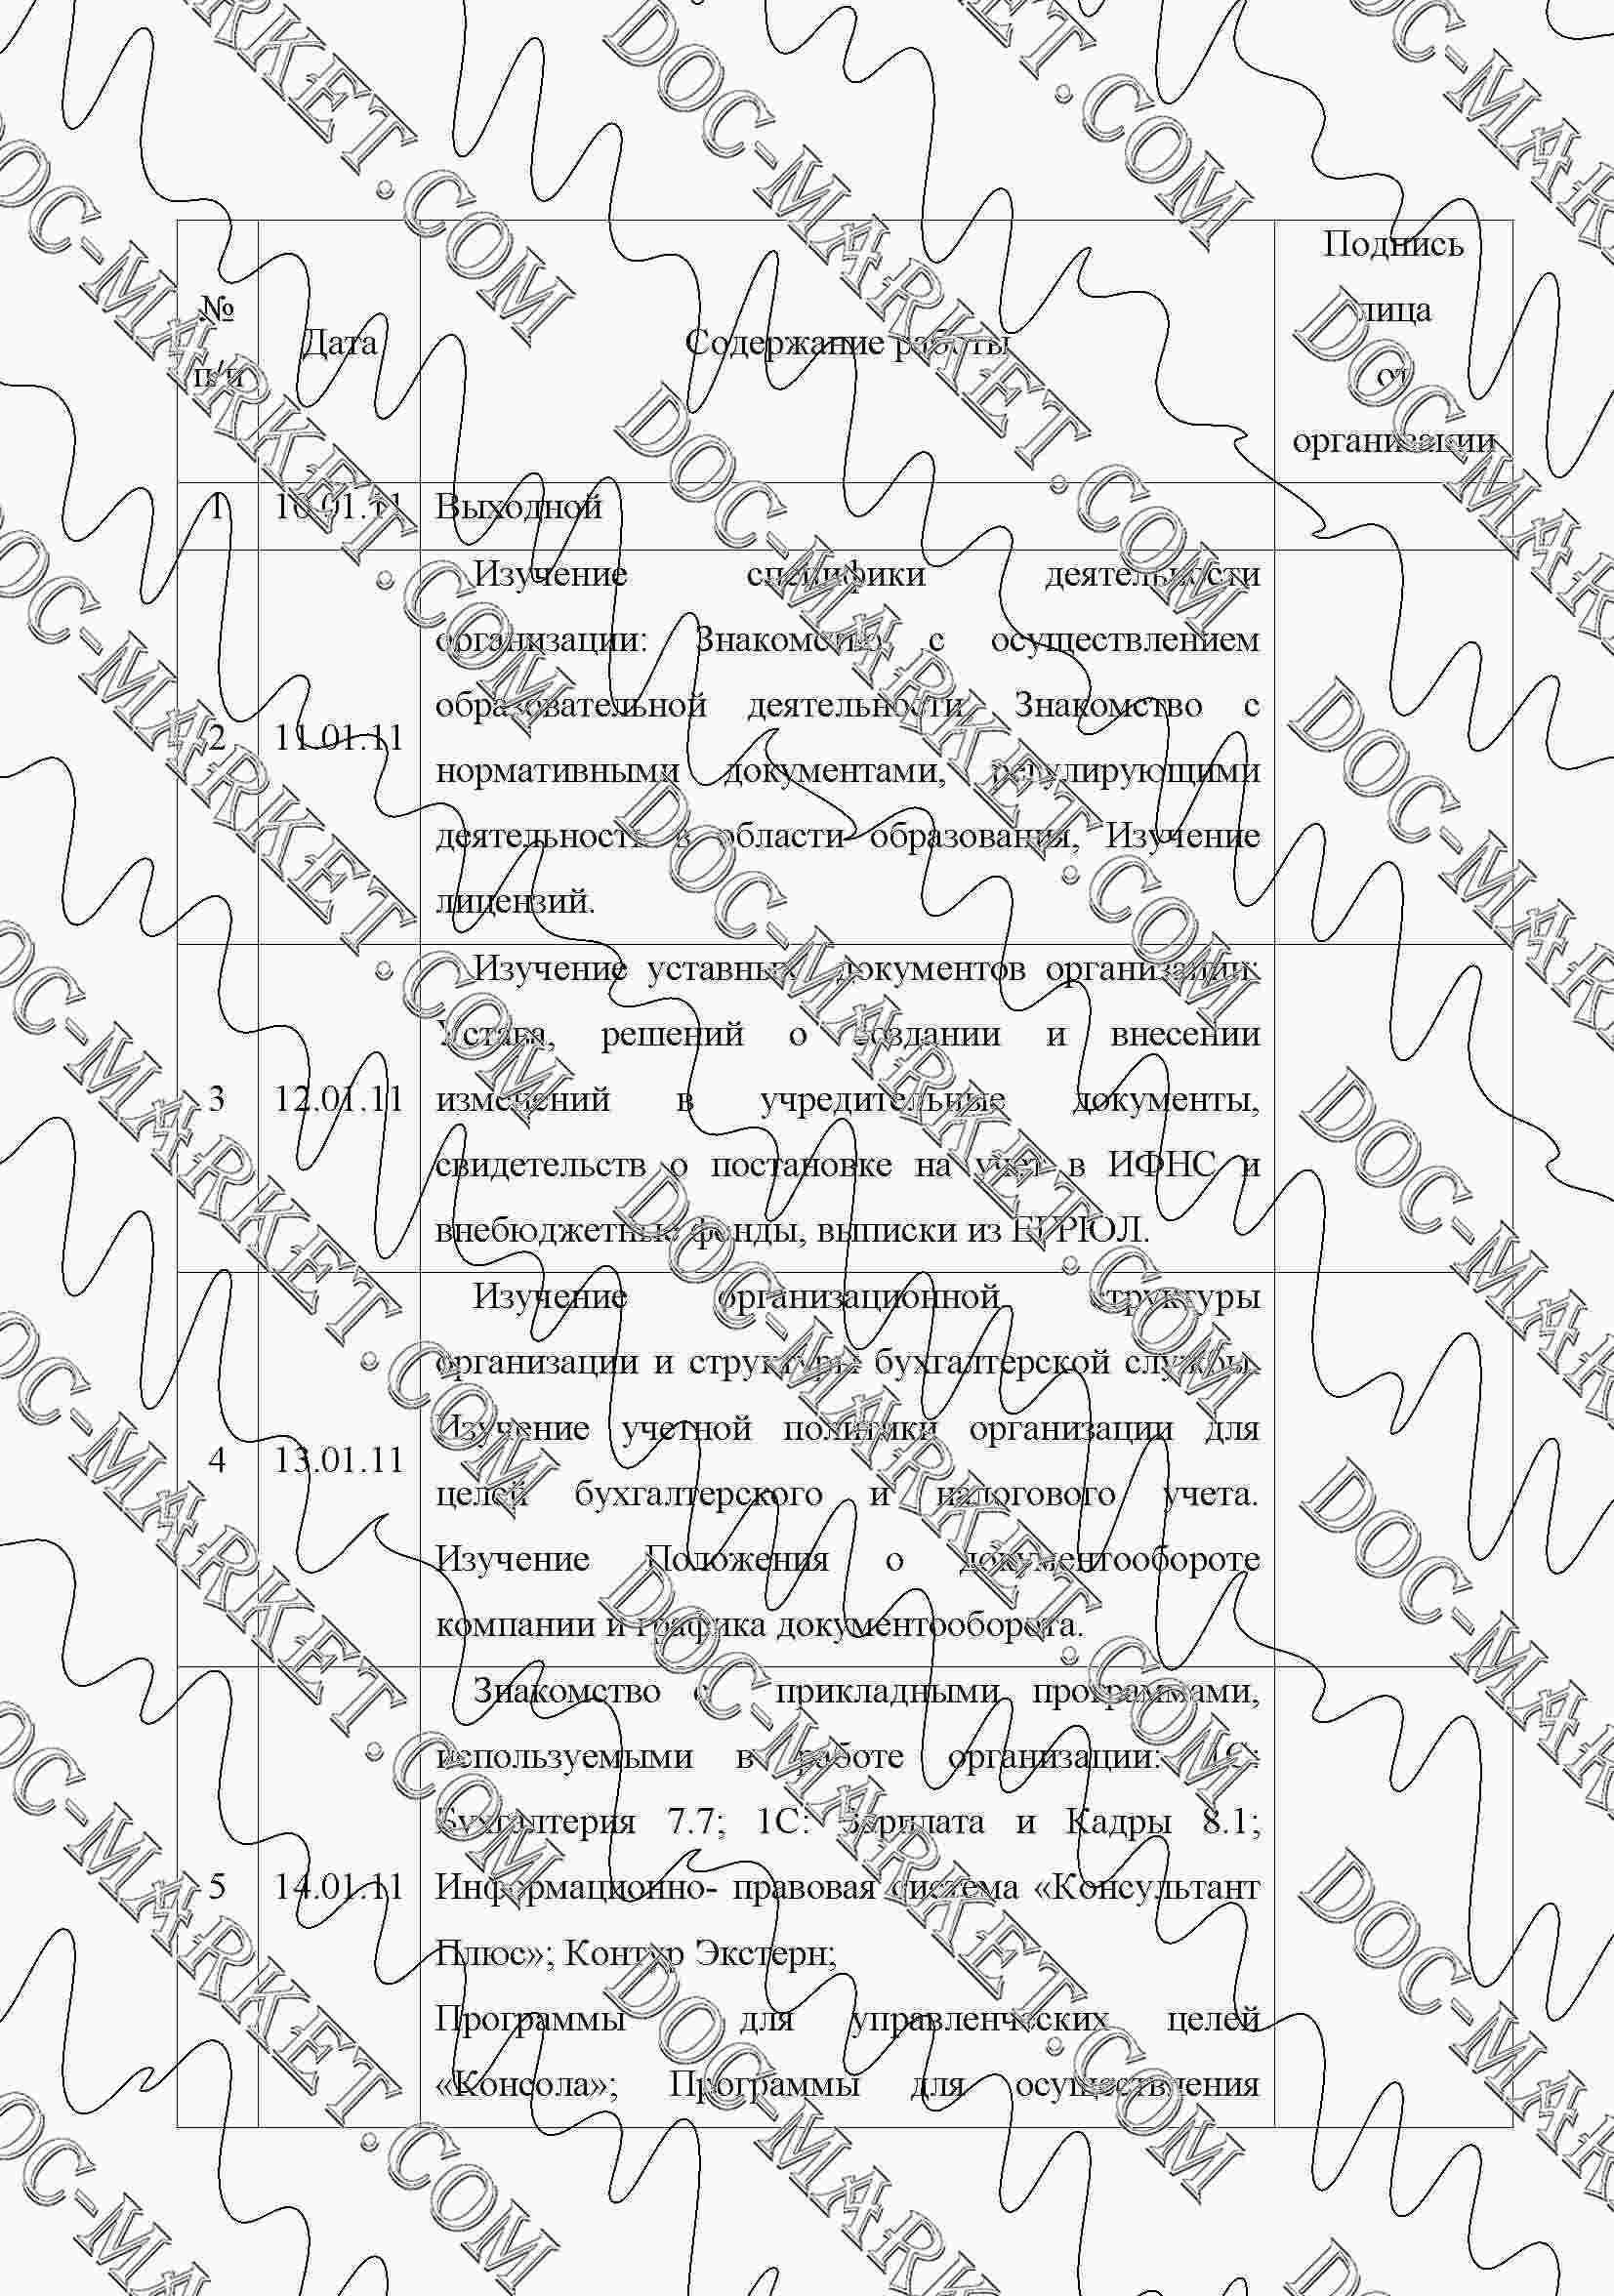 Другая Дневник о прохождении преддипломной практики  Бухгалтерский учет дневник преддипломной практики